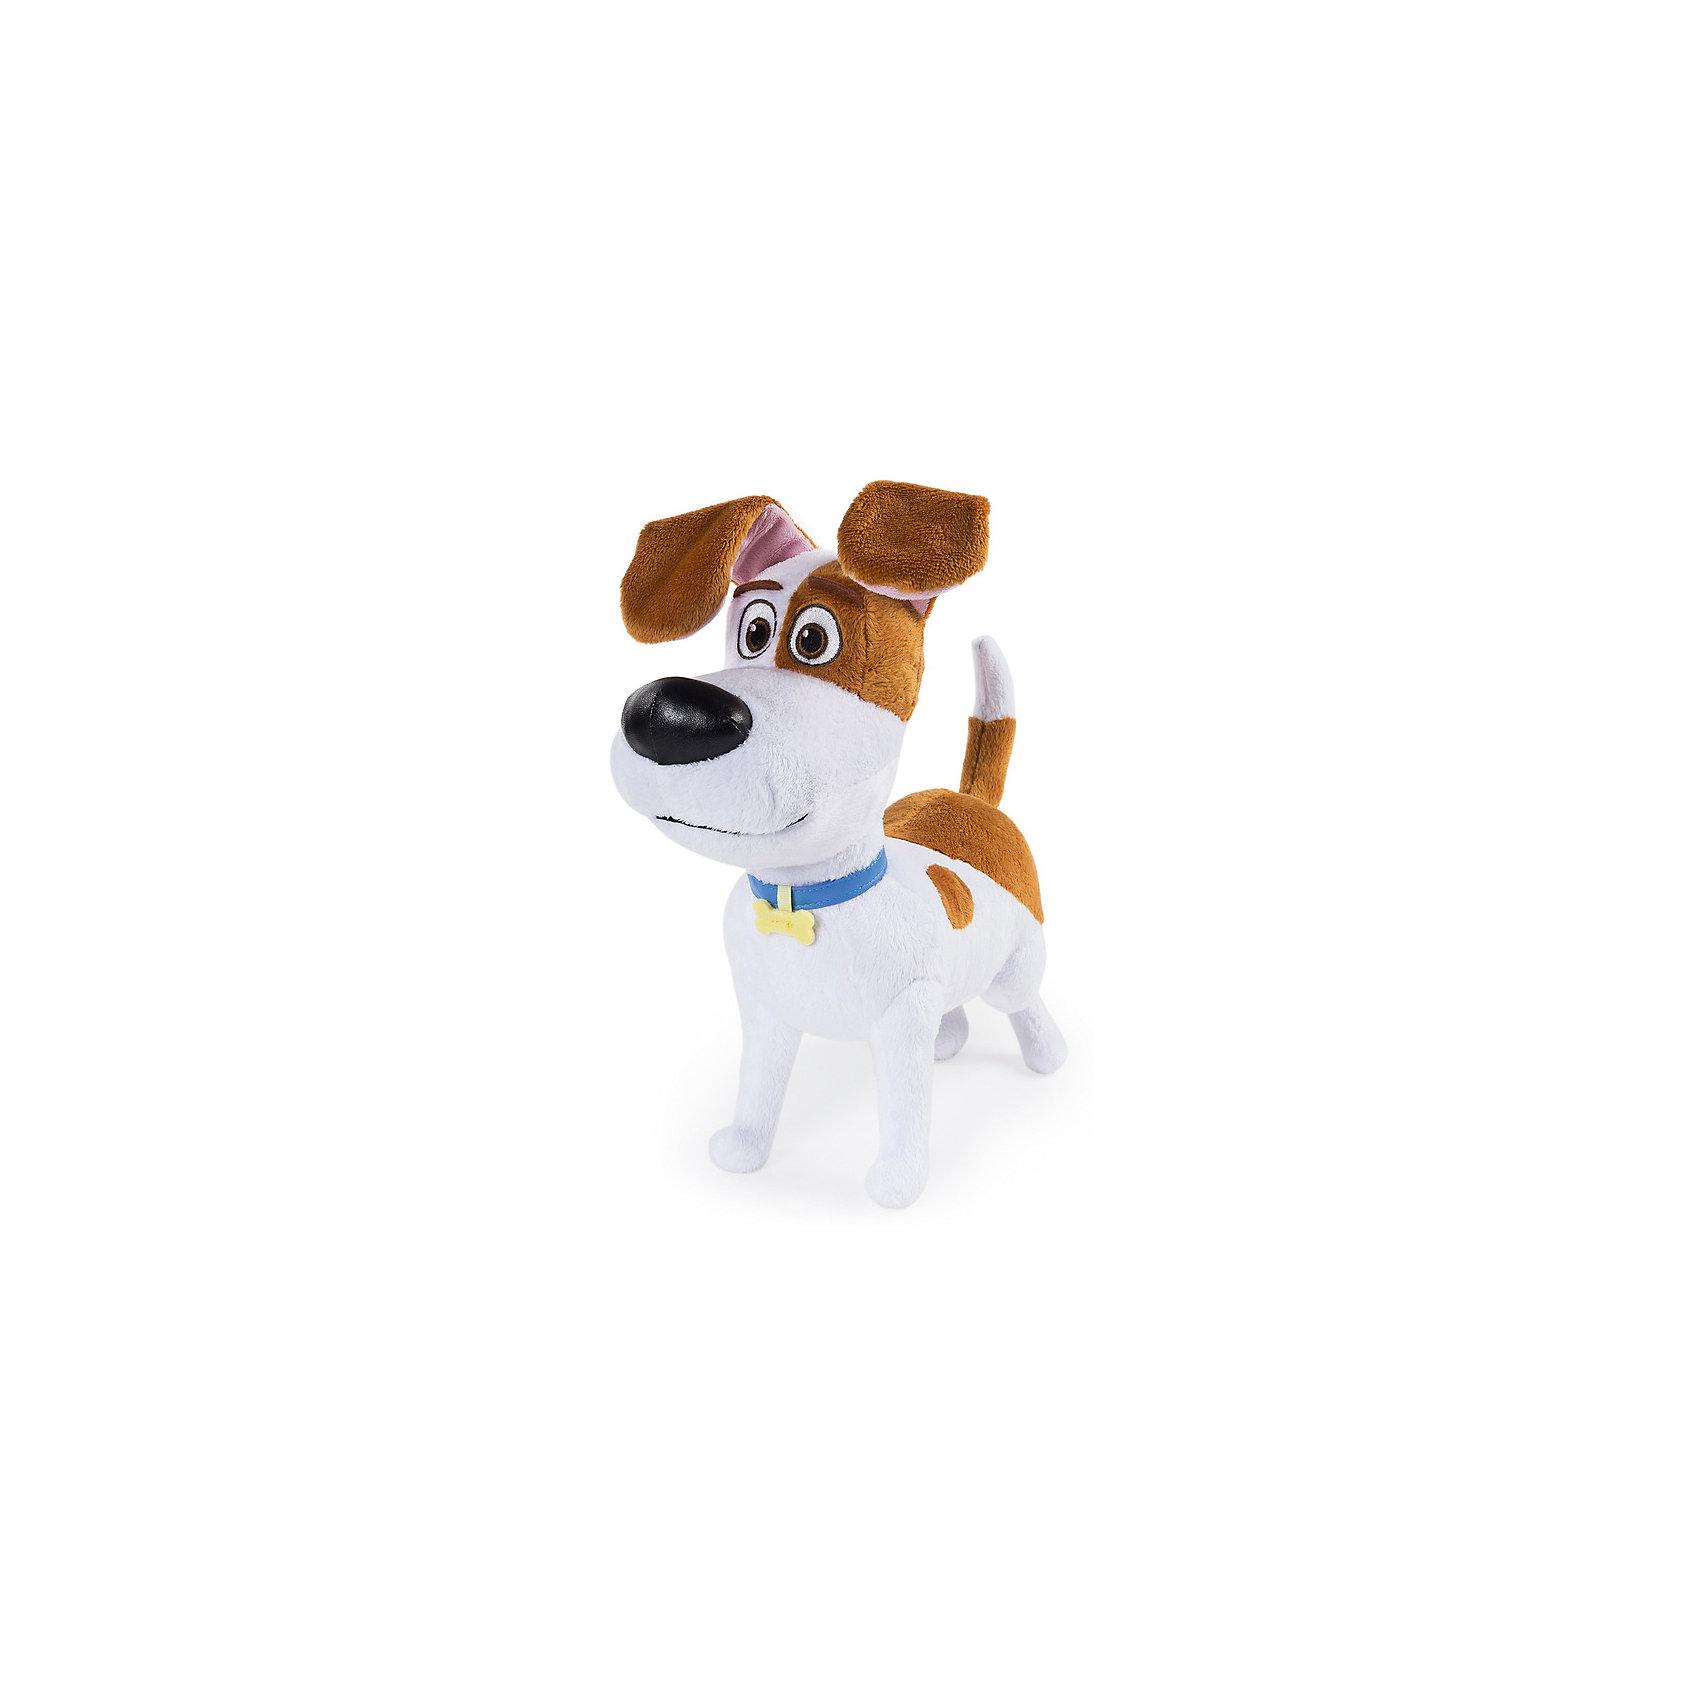 Мягкая игрушка Тайная жизнь домашних животных - МаксХарактеристики товара:<br><br>- цвет: разноцветный;<br>- материал: искусственный мех, синтепон;<br>- размер игрушки: 30 см;<br>- вес: 400 г.<br><br>Играть с фигурками из любимого мультфильма - вдвойне интереснее! Фигурки героев мультика Тайная жизнь домашних животных очень красивые, они хорошо детализированы. Каждая фигурка отлично выполнена, очень похожа на героя мультика, поэтому она станет желанным подарком для ребенка. Такое изделие отлично тренирует у ребенка разные навыки: играя с фигурками, ребенок развивает мелкую моторику, цветовосприятие, внимание, воображение и творческое мышление. <br>Из этих фигурок можно собрать целую коллекцию! Изделие произведено из качественных проверенных материалов, безопасных для малышей.<br><br>Плюш Макс 30 см, Тайная жизнь домашних животных, можно купить в нашем интернет-магазине.<br><br>Ширина мм: 406<br>Глубина мм: 355<br>Высота мм: 304<br>Вес г: 140<br>Возраст от месяцев: 36<br>Возраст до месяцев: 2147483647<br>Пол: Унисекс<br>Возраст: Детский<br>SKU: 5140215